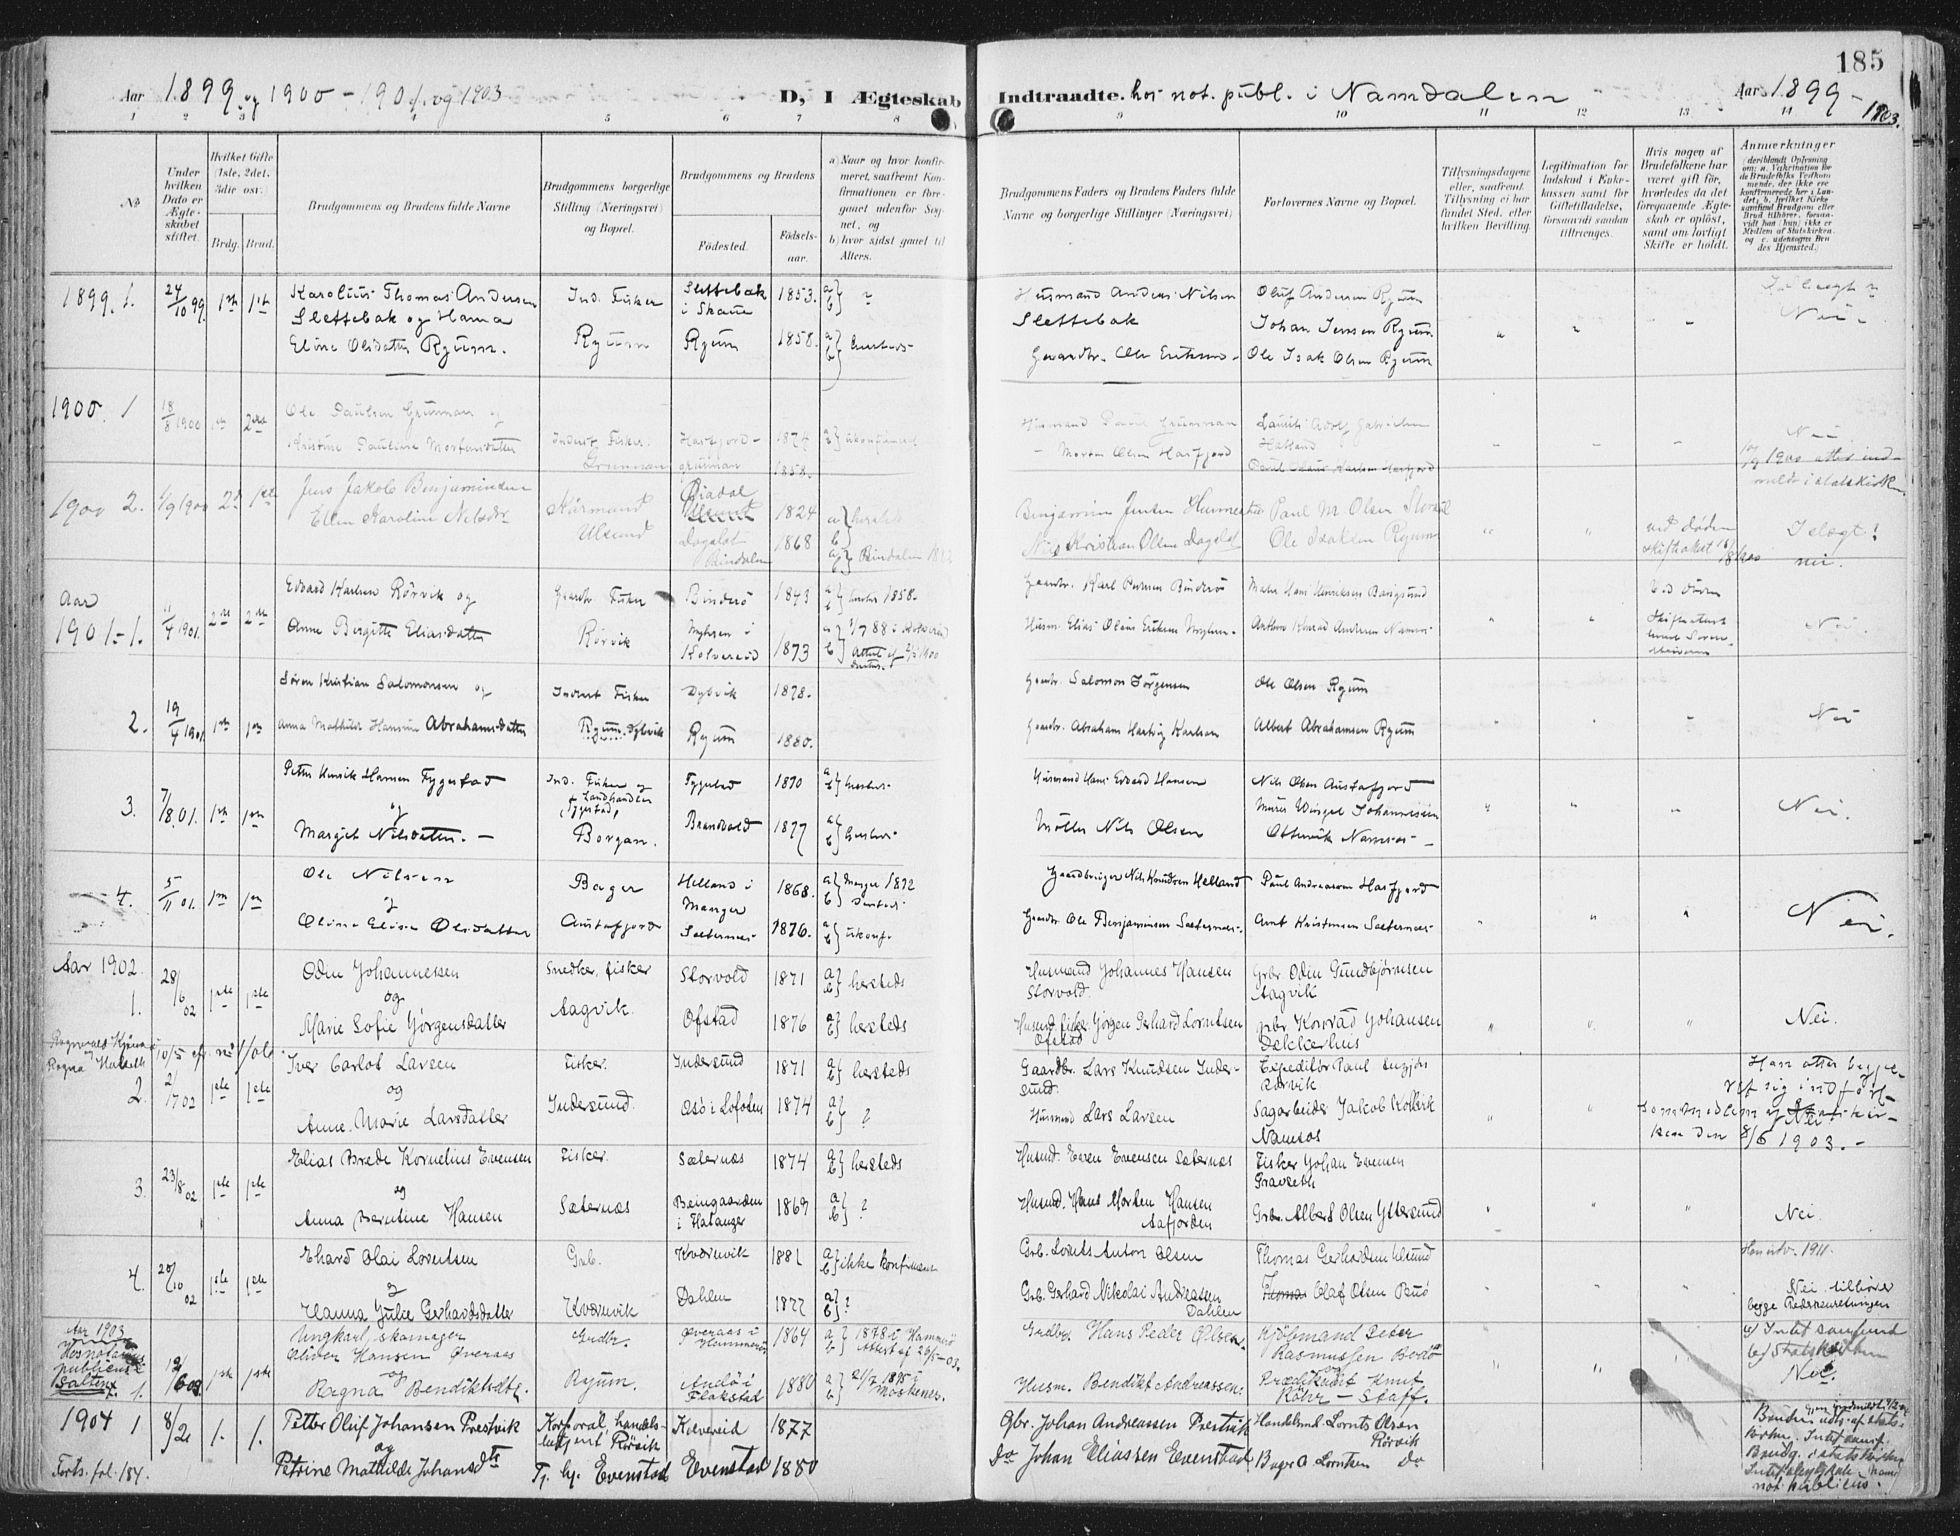 SAT, Ministerialprotokoller, klokkerbøker og fødselsregistre - Nord-Trøndelag, 786/L0688: Ministerialbok nr. 786A04, 1899-1912, s. 185